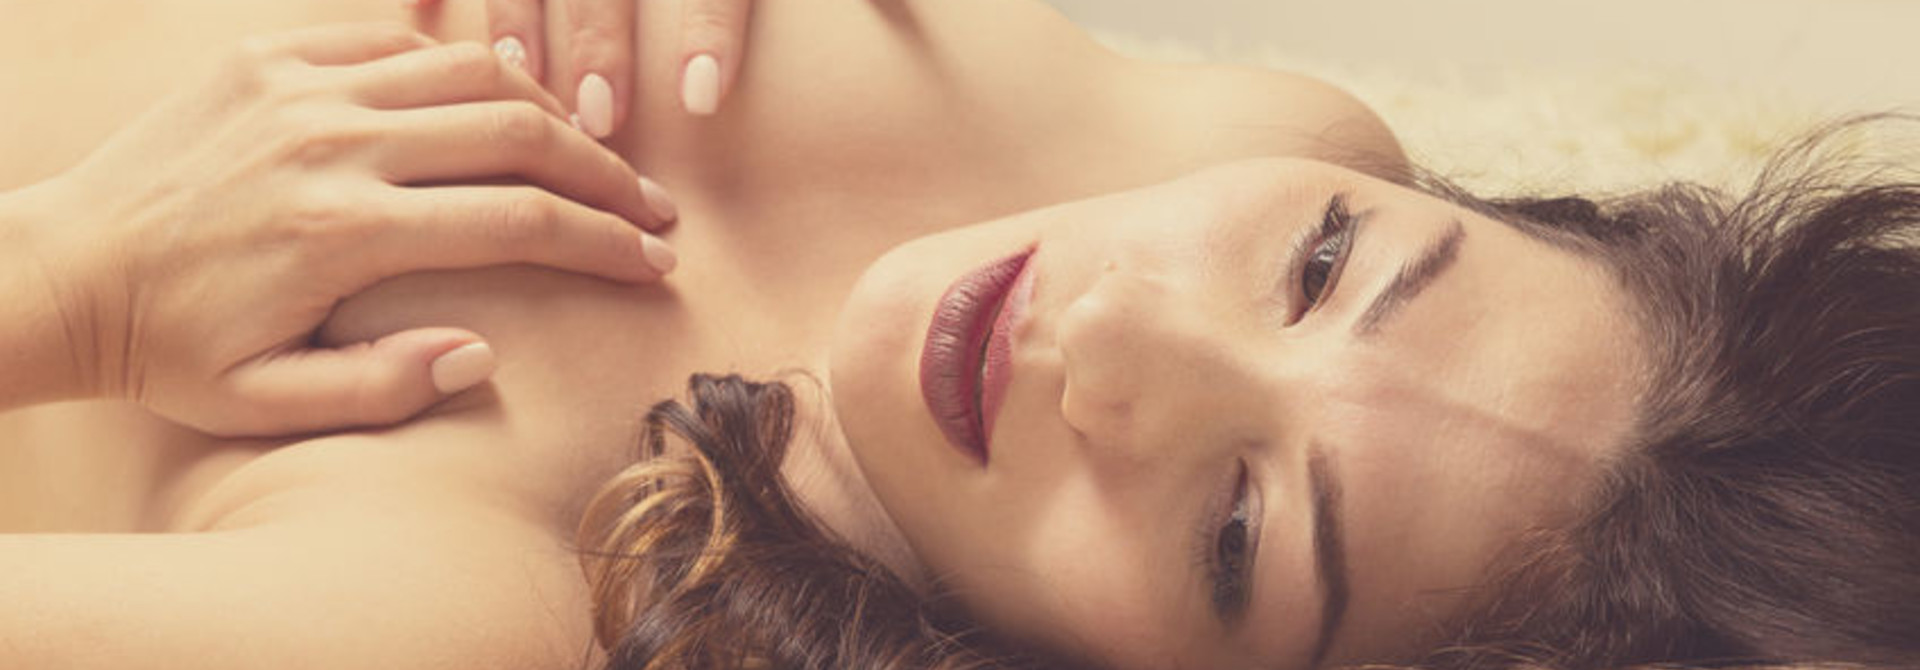 Sexieness en vrouwelijkheid anders belicht